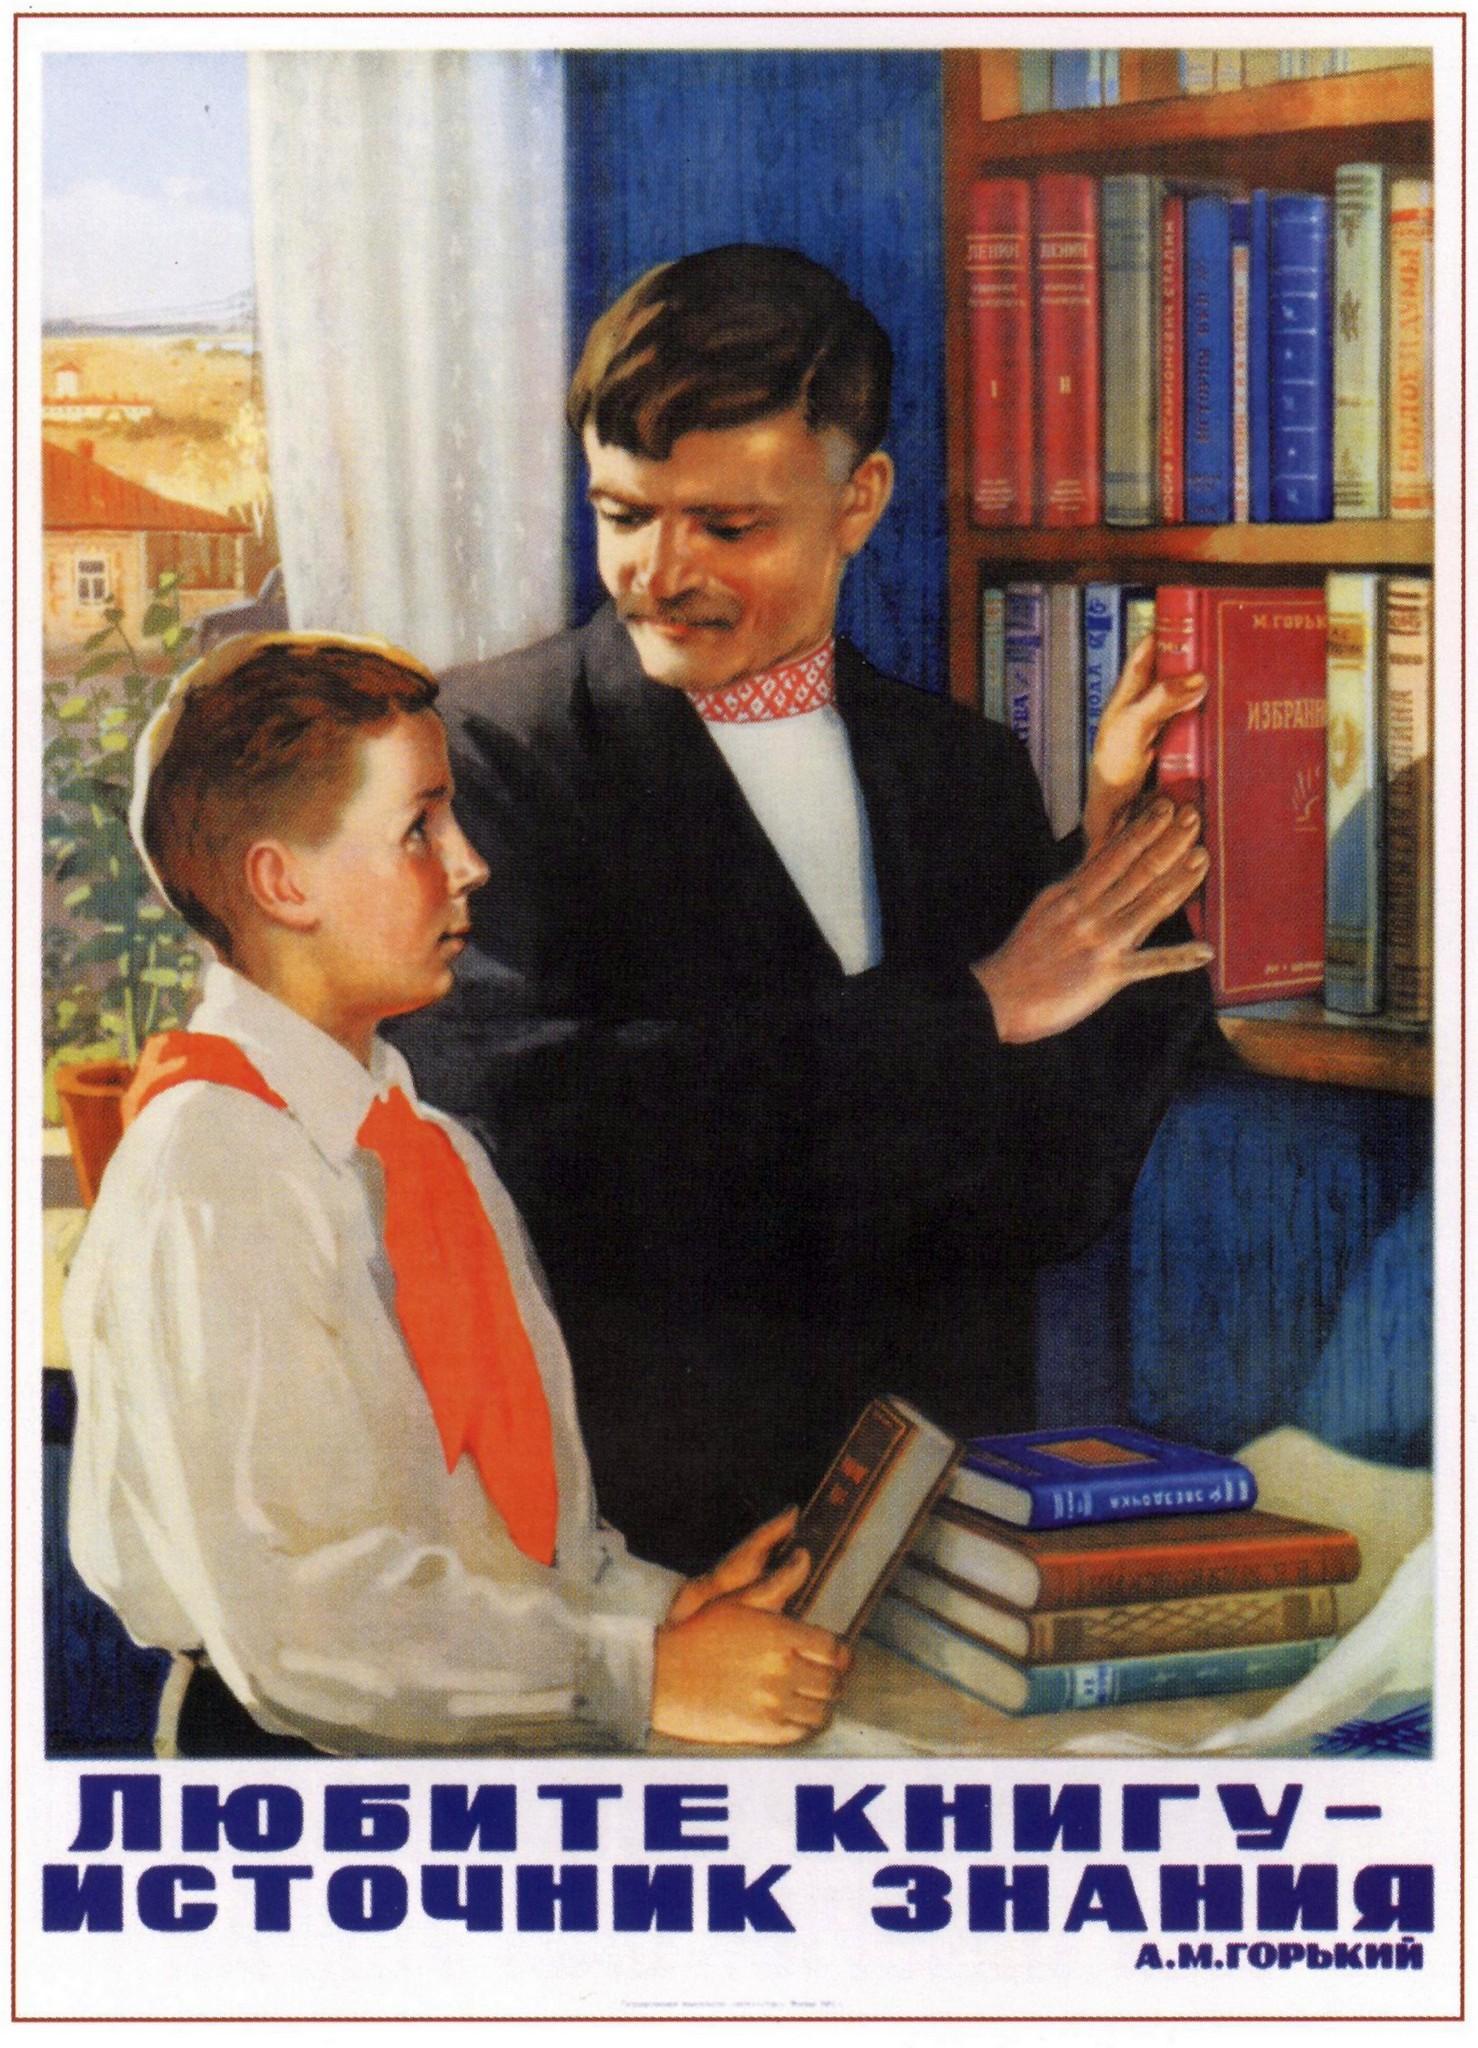 Глава 1. воспитание в советской семье. два мира детства: дети в сша и ссср